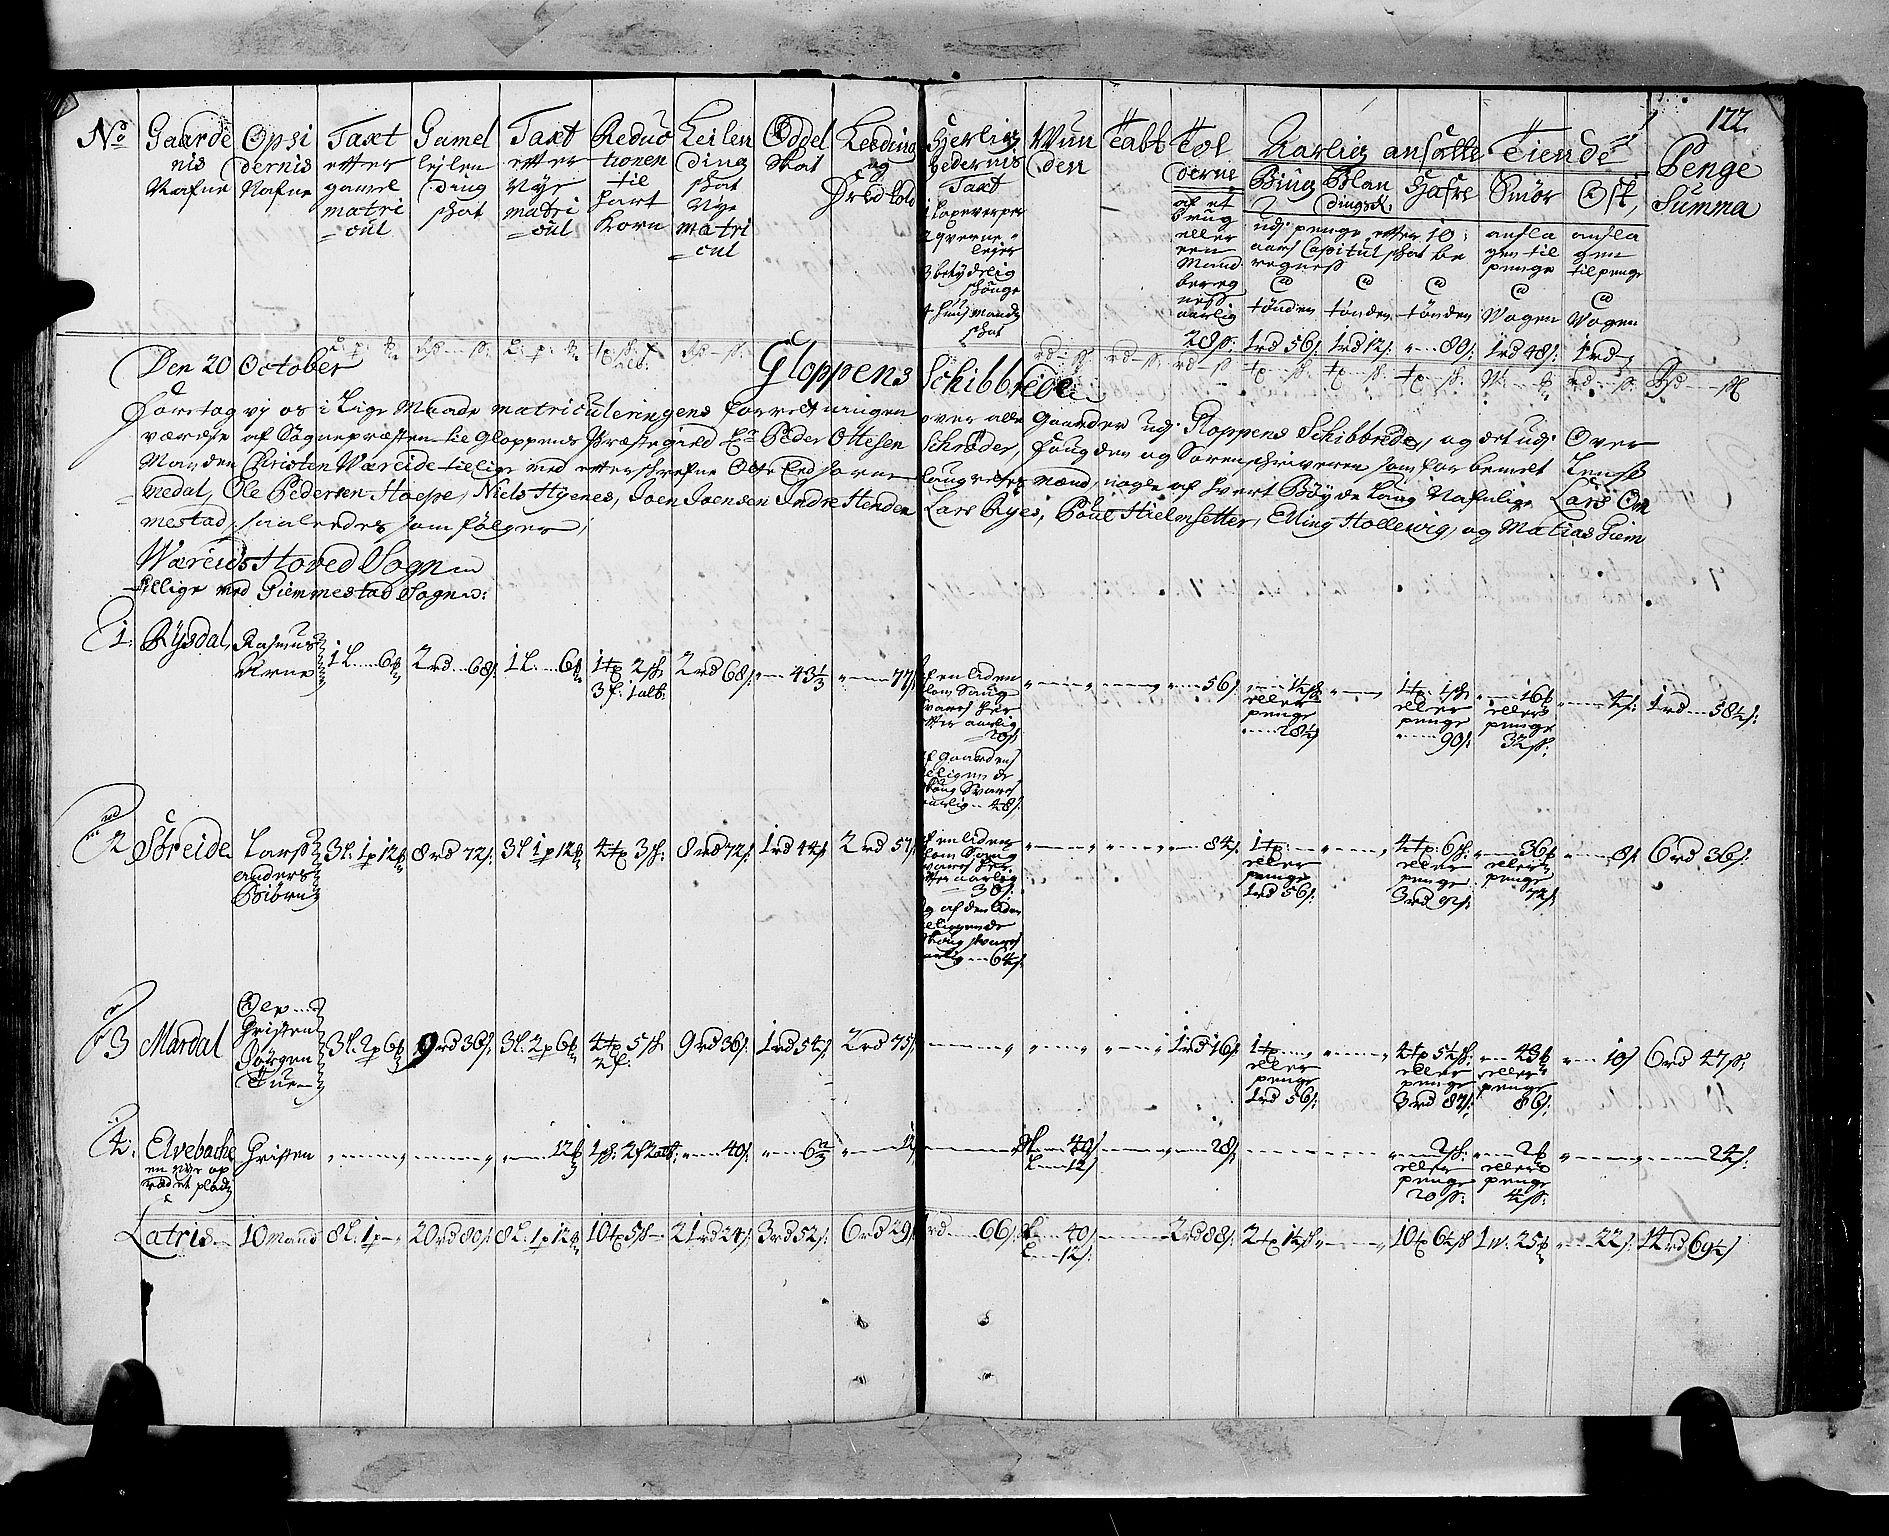 RA, Rentekammeret inntil 1814, Realistisk ordnet avdeling, N/Nb/Nbf/L0147: Sunnfjord og Nordfjord matrikkelprotokoll, 1723, s. 121b-122a